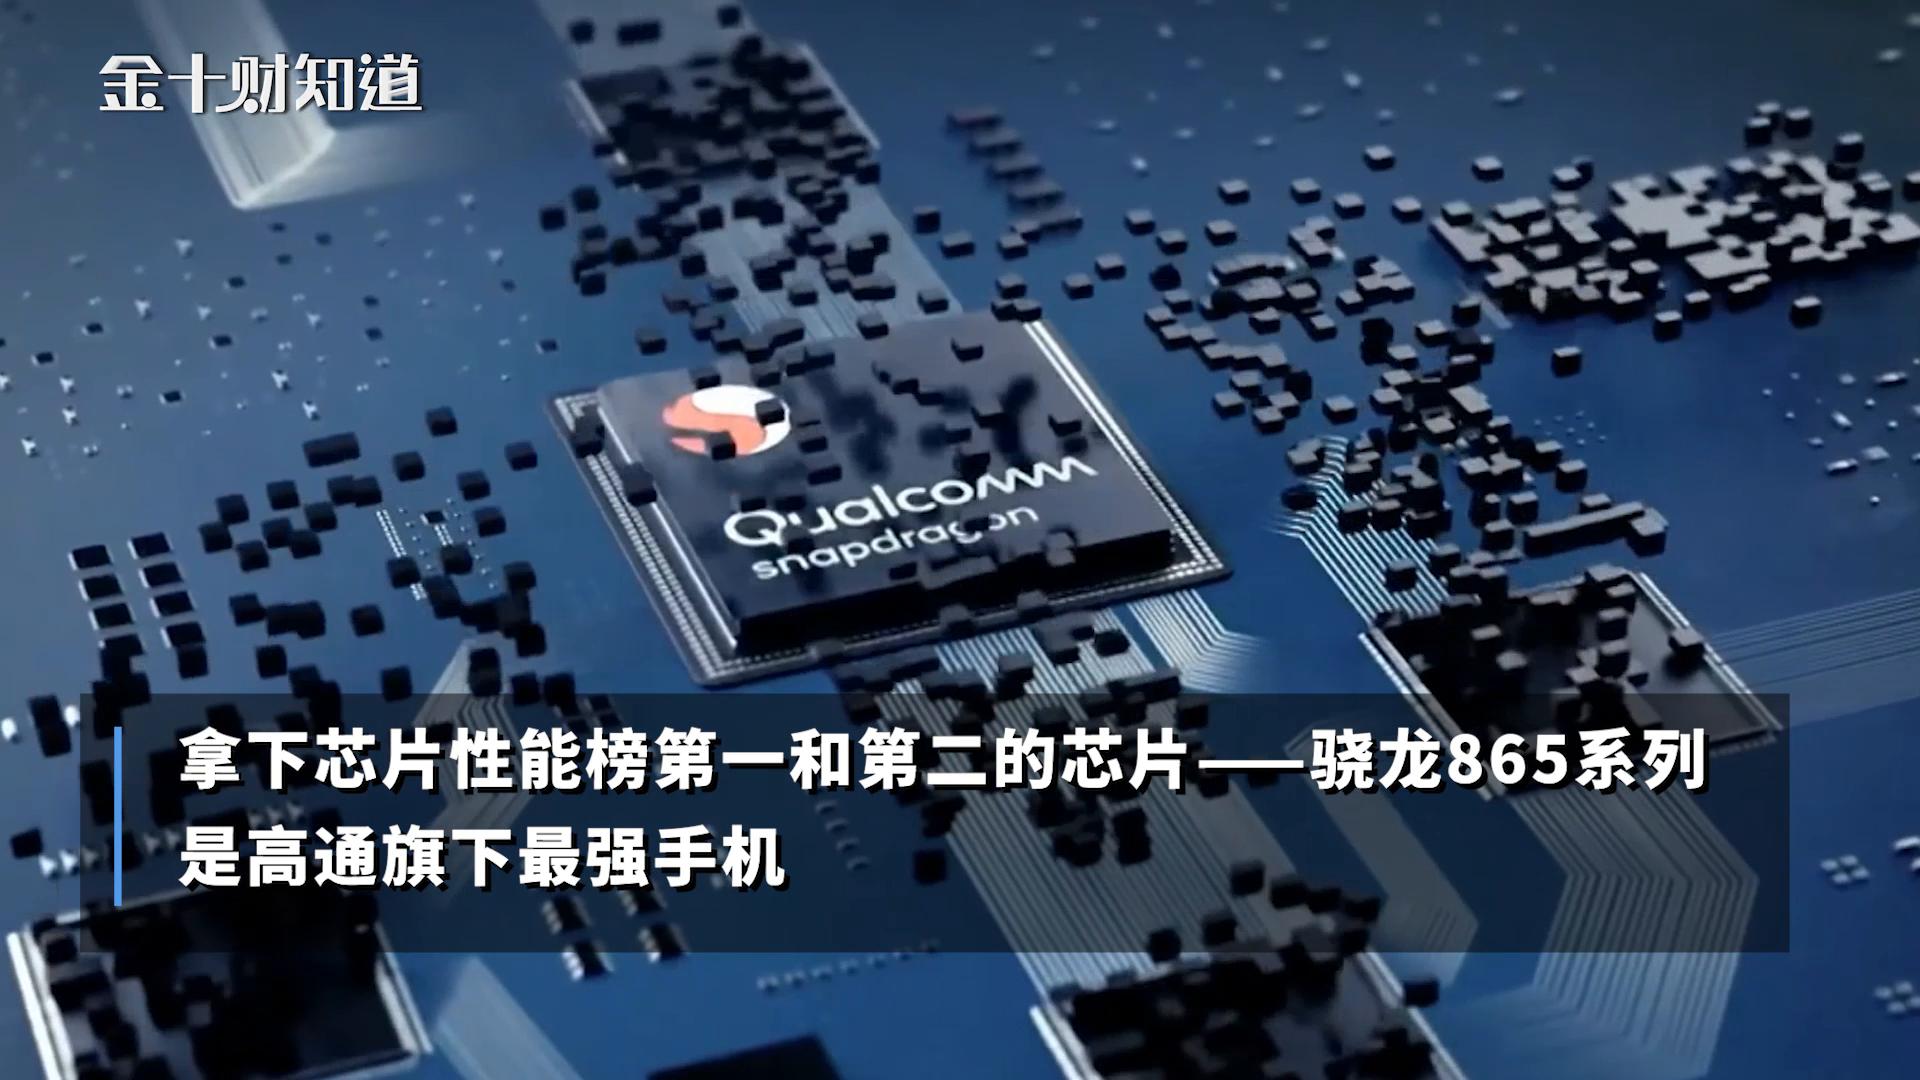 手机芯片性能排行榜:华为麒麟990跌至第4,高通包揽前2名